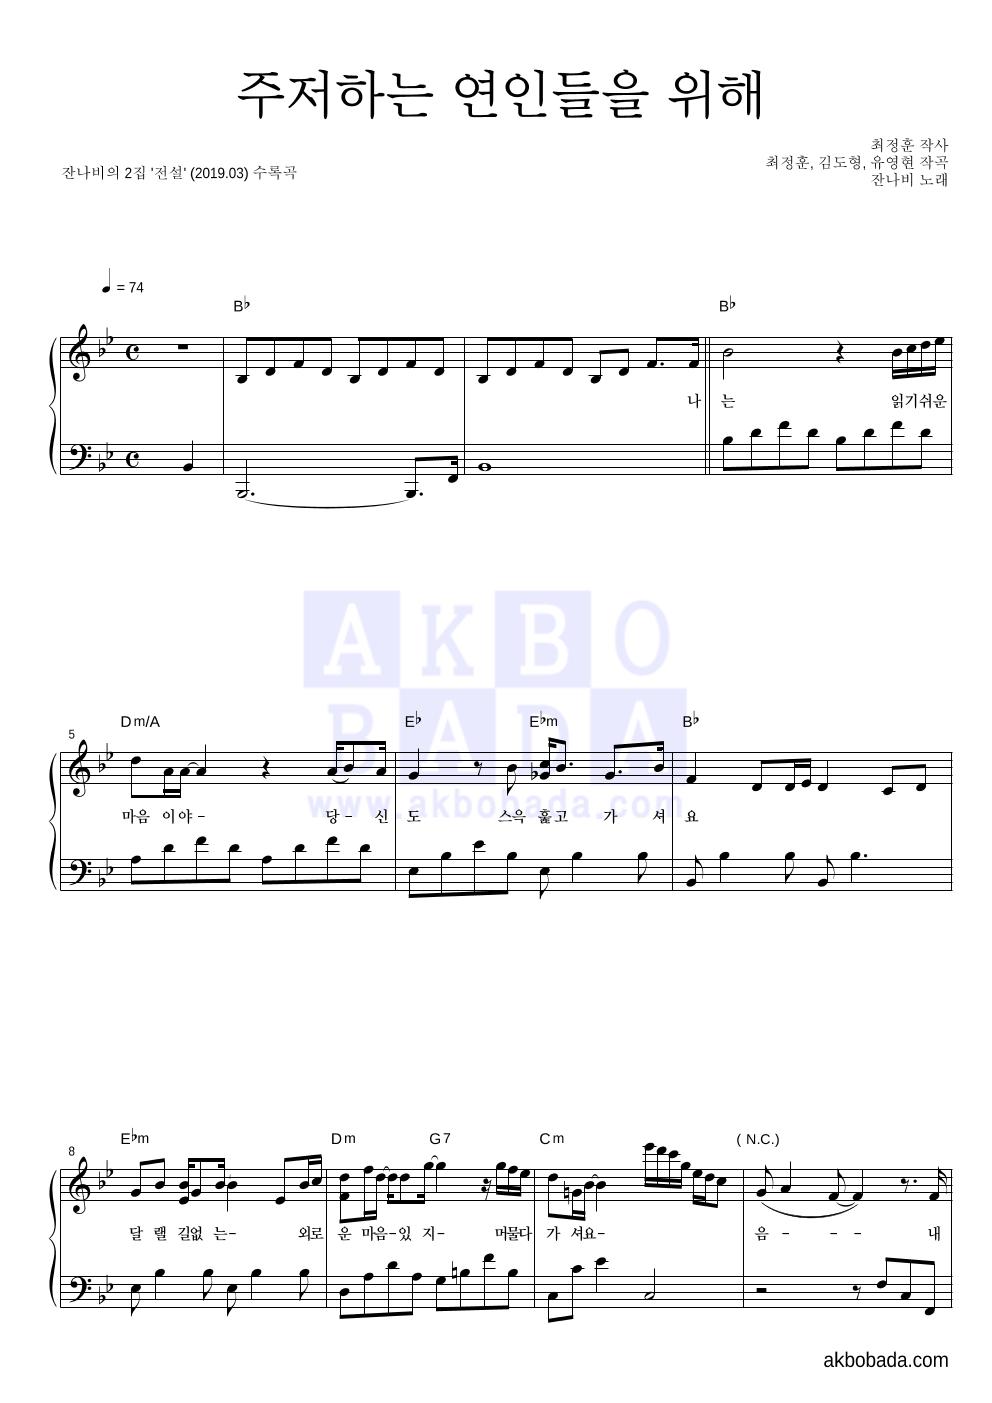 잔나비 - 주저하는 연인들을 위해 피아노 2단 악보